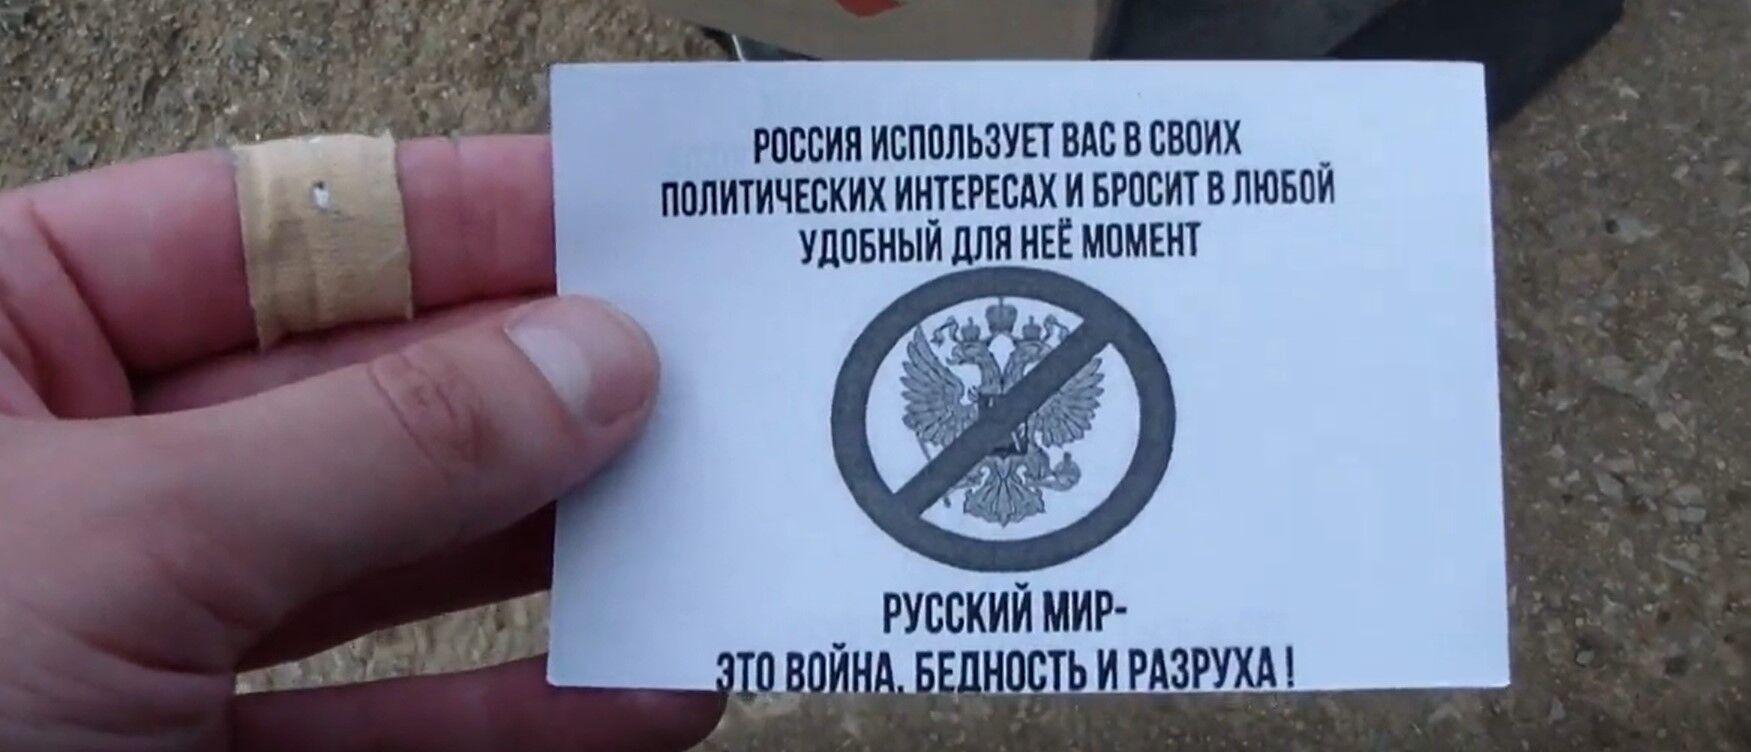 Одна з листівок, які відправляли в ОРДЛО